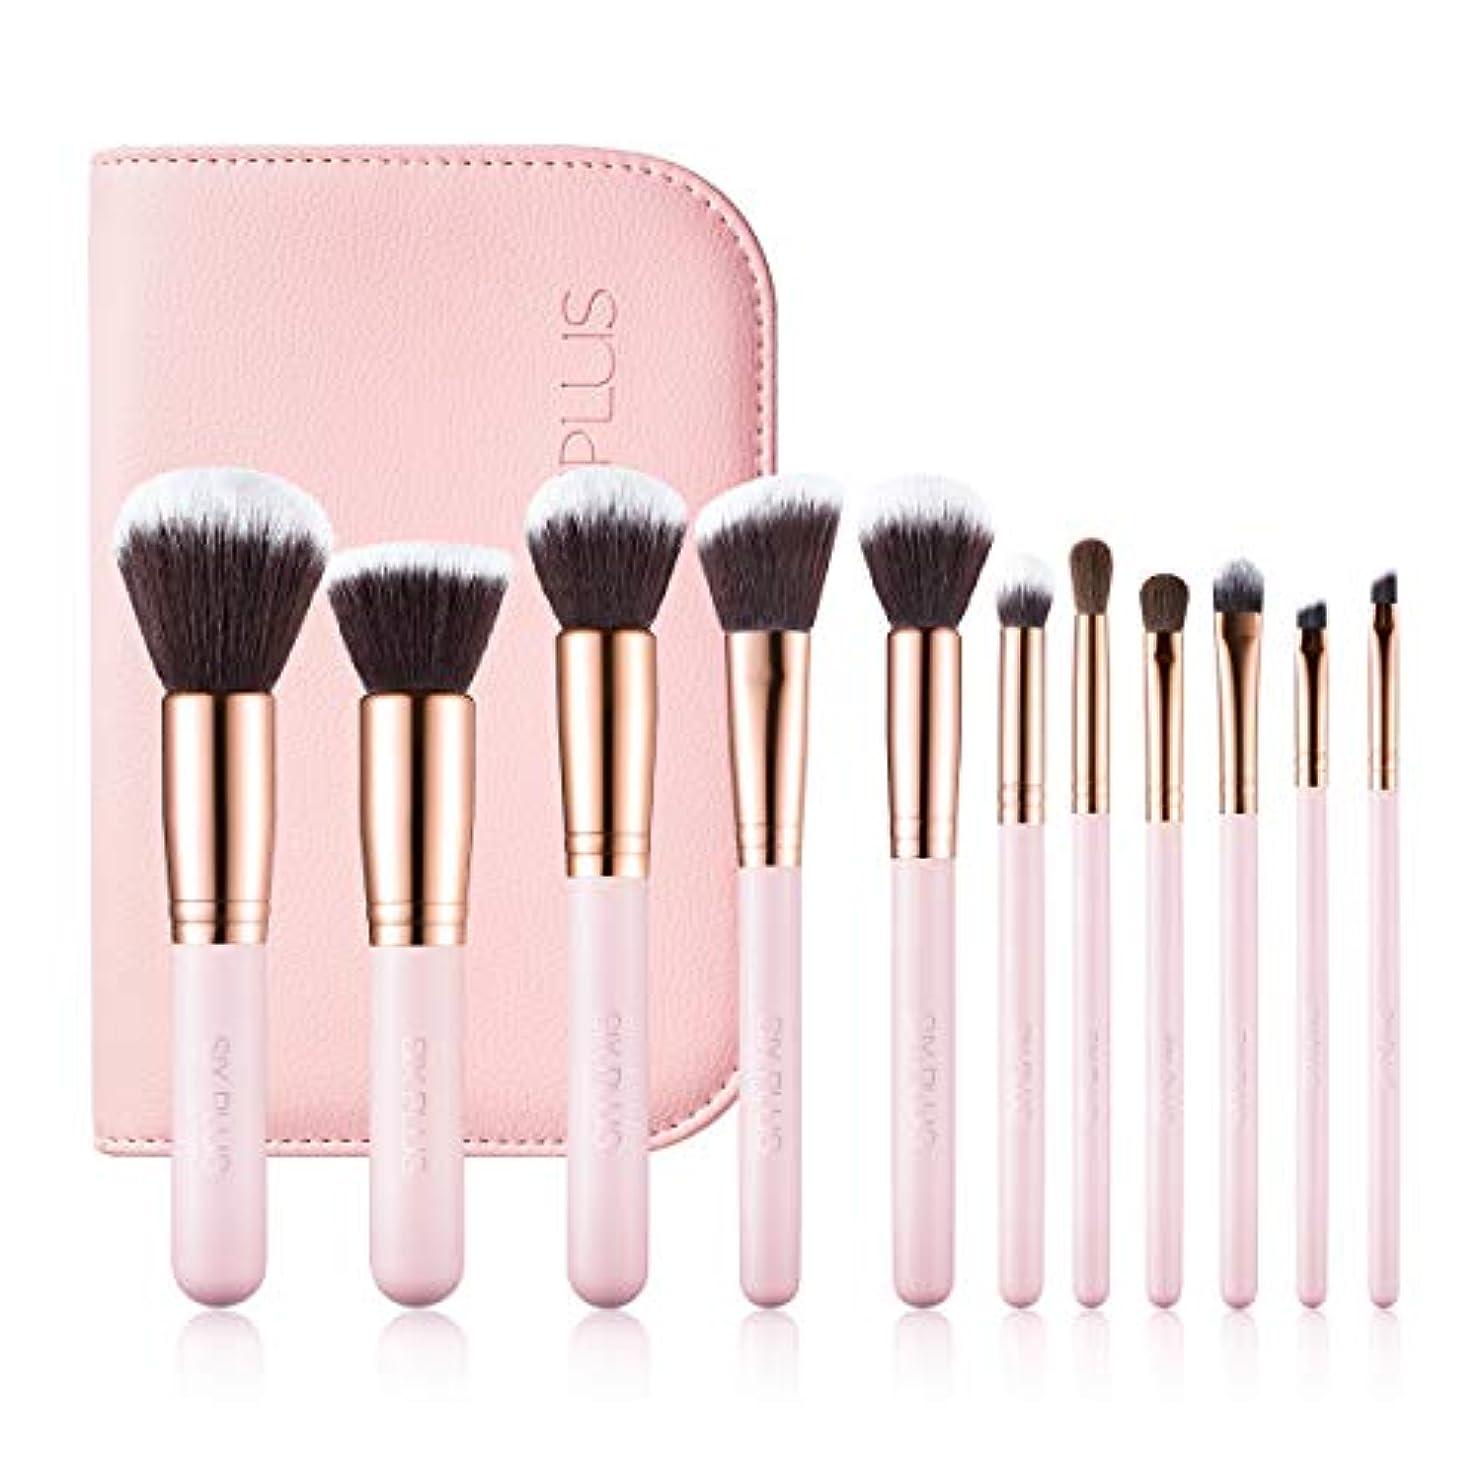 り新しさ適度なSIXPLUS メイクブラシ11本セット 化粧ポーチ付き (ピンク)